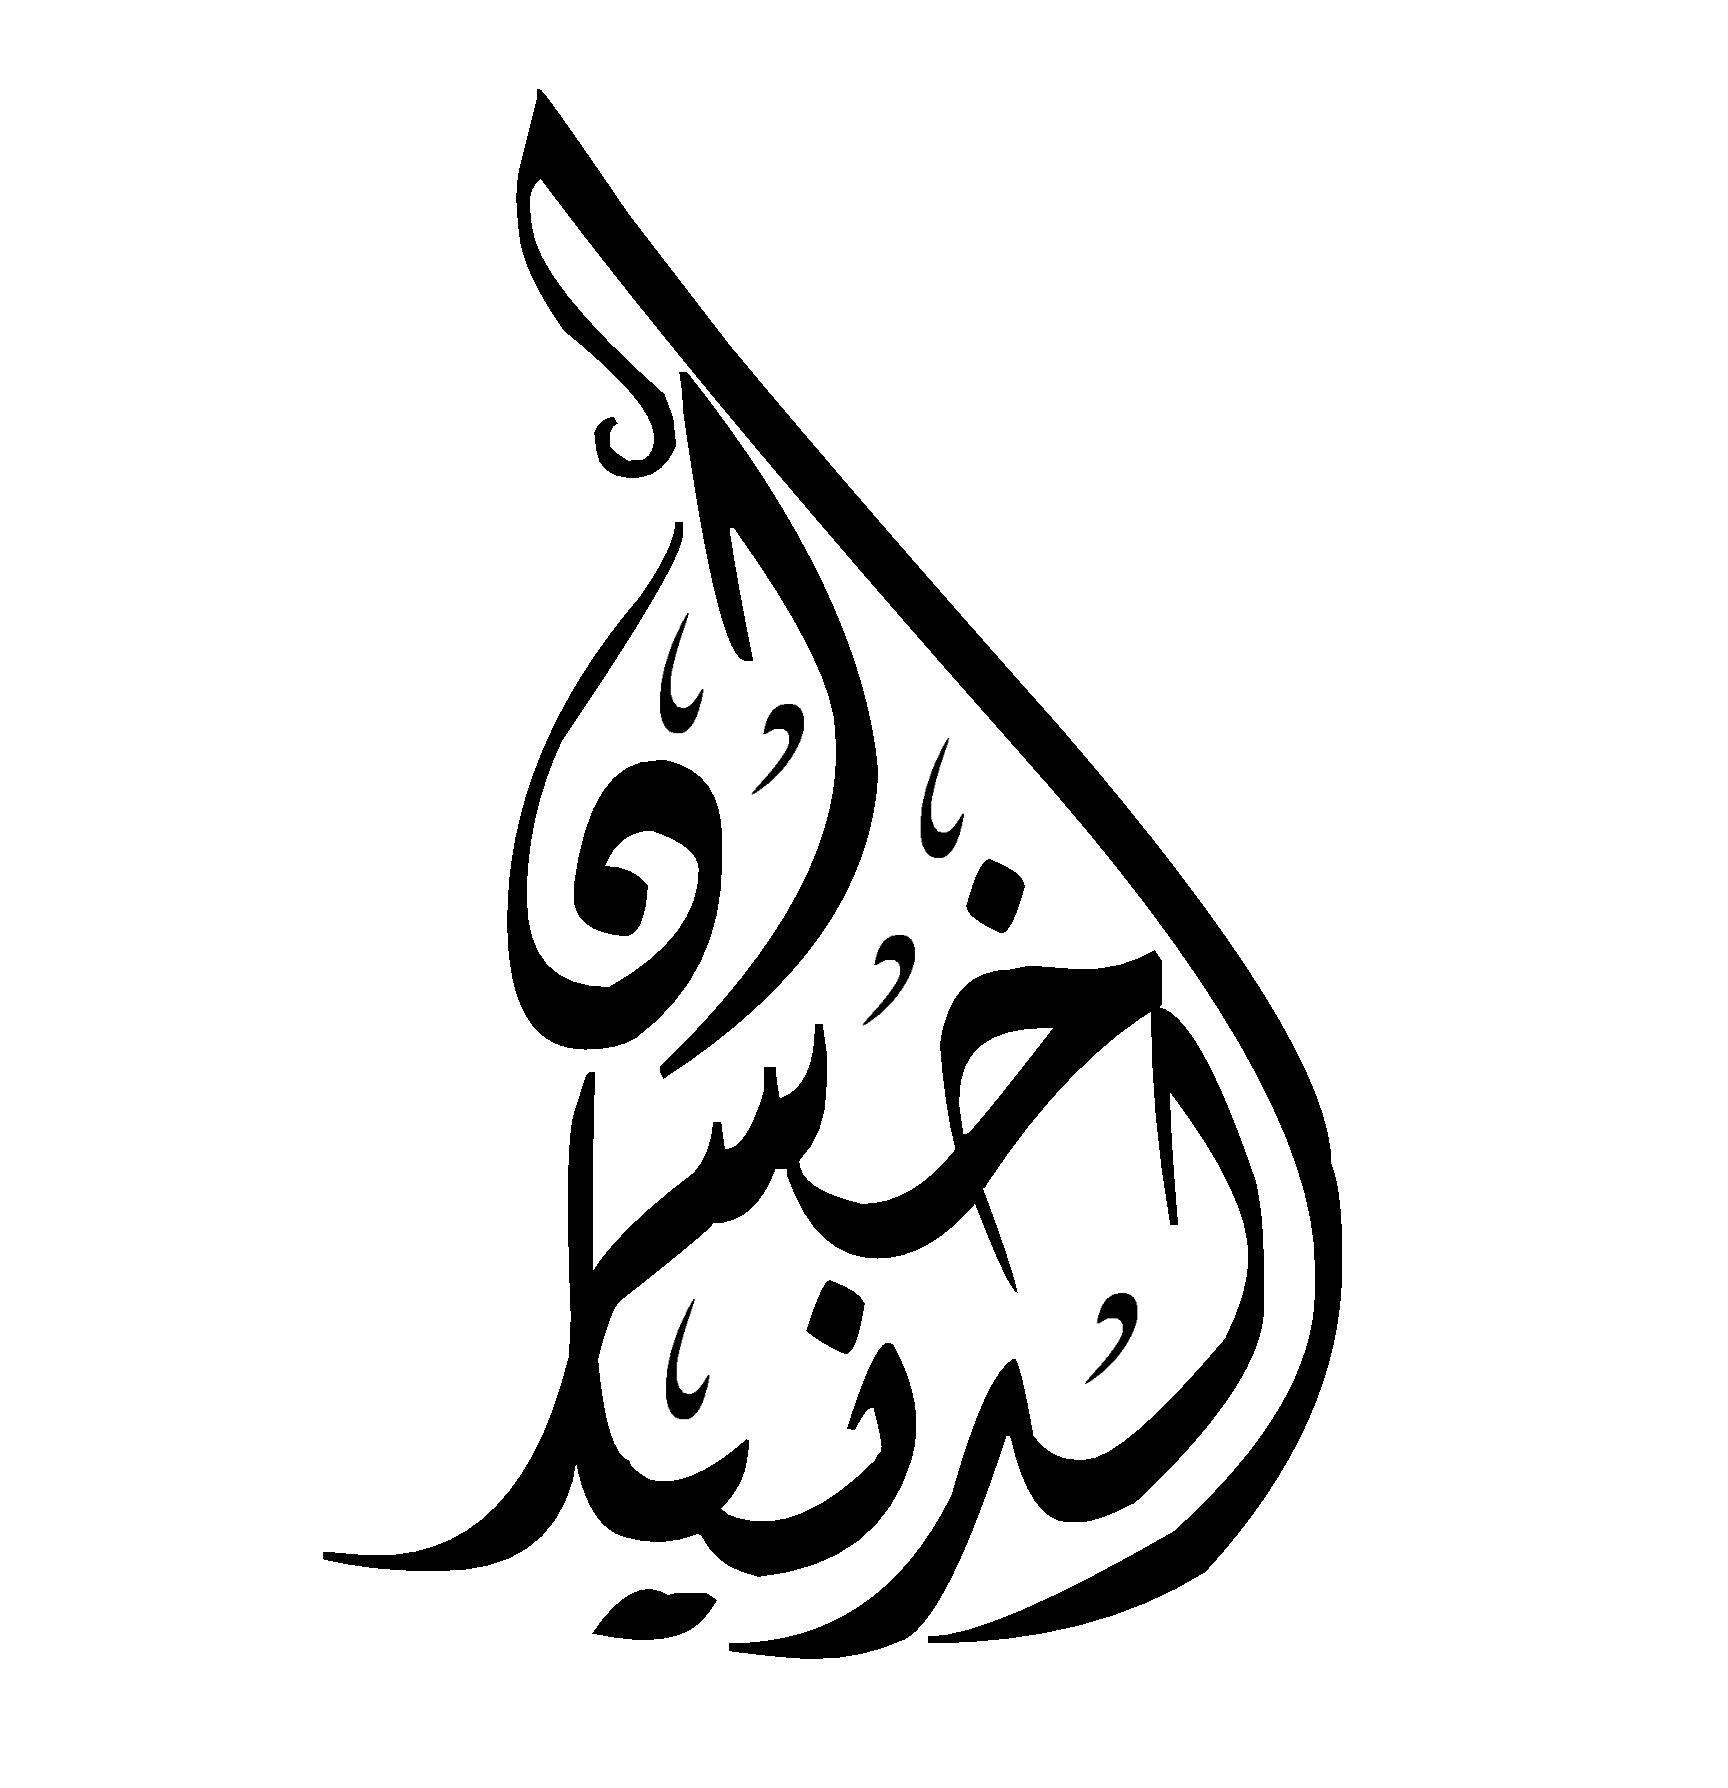 Pin By بسم الله الرحمن الرحيم On مخطوطات حسينية Tribal Tattoos Tattoos Art